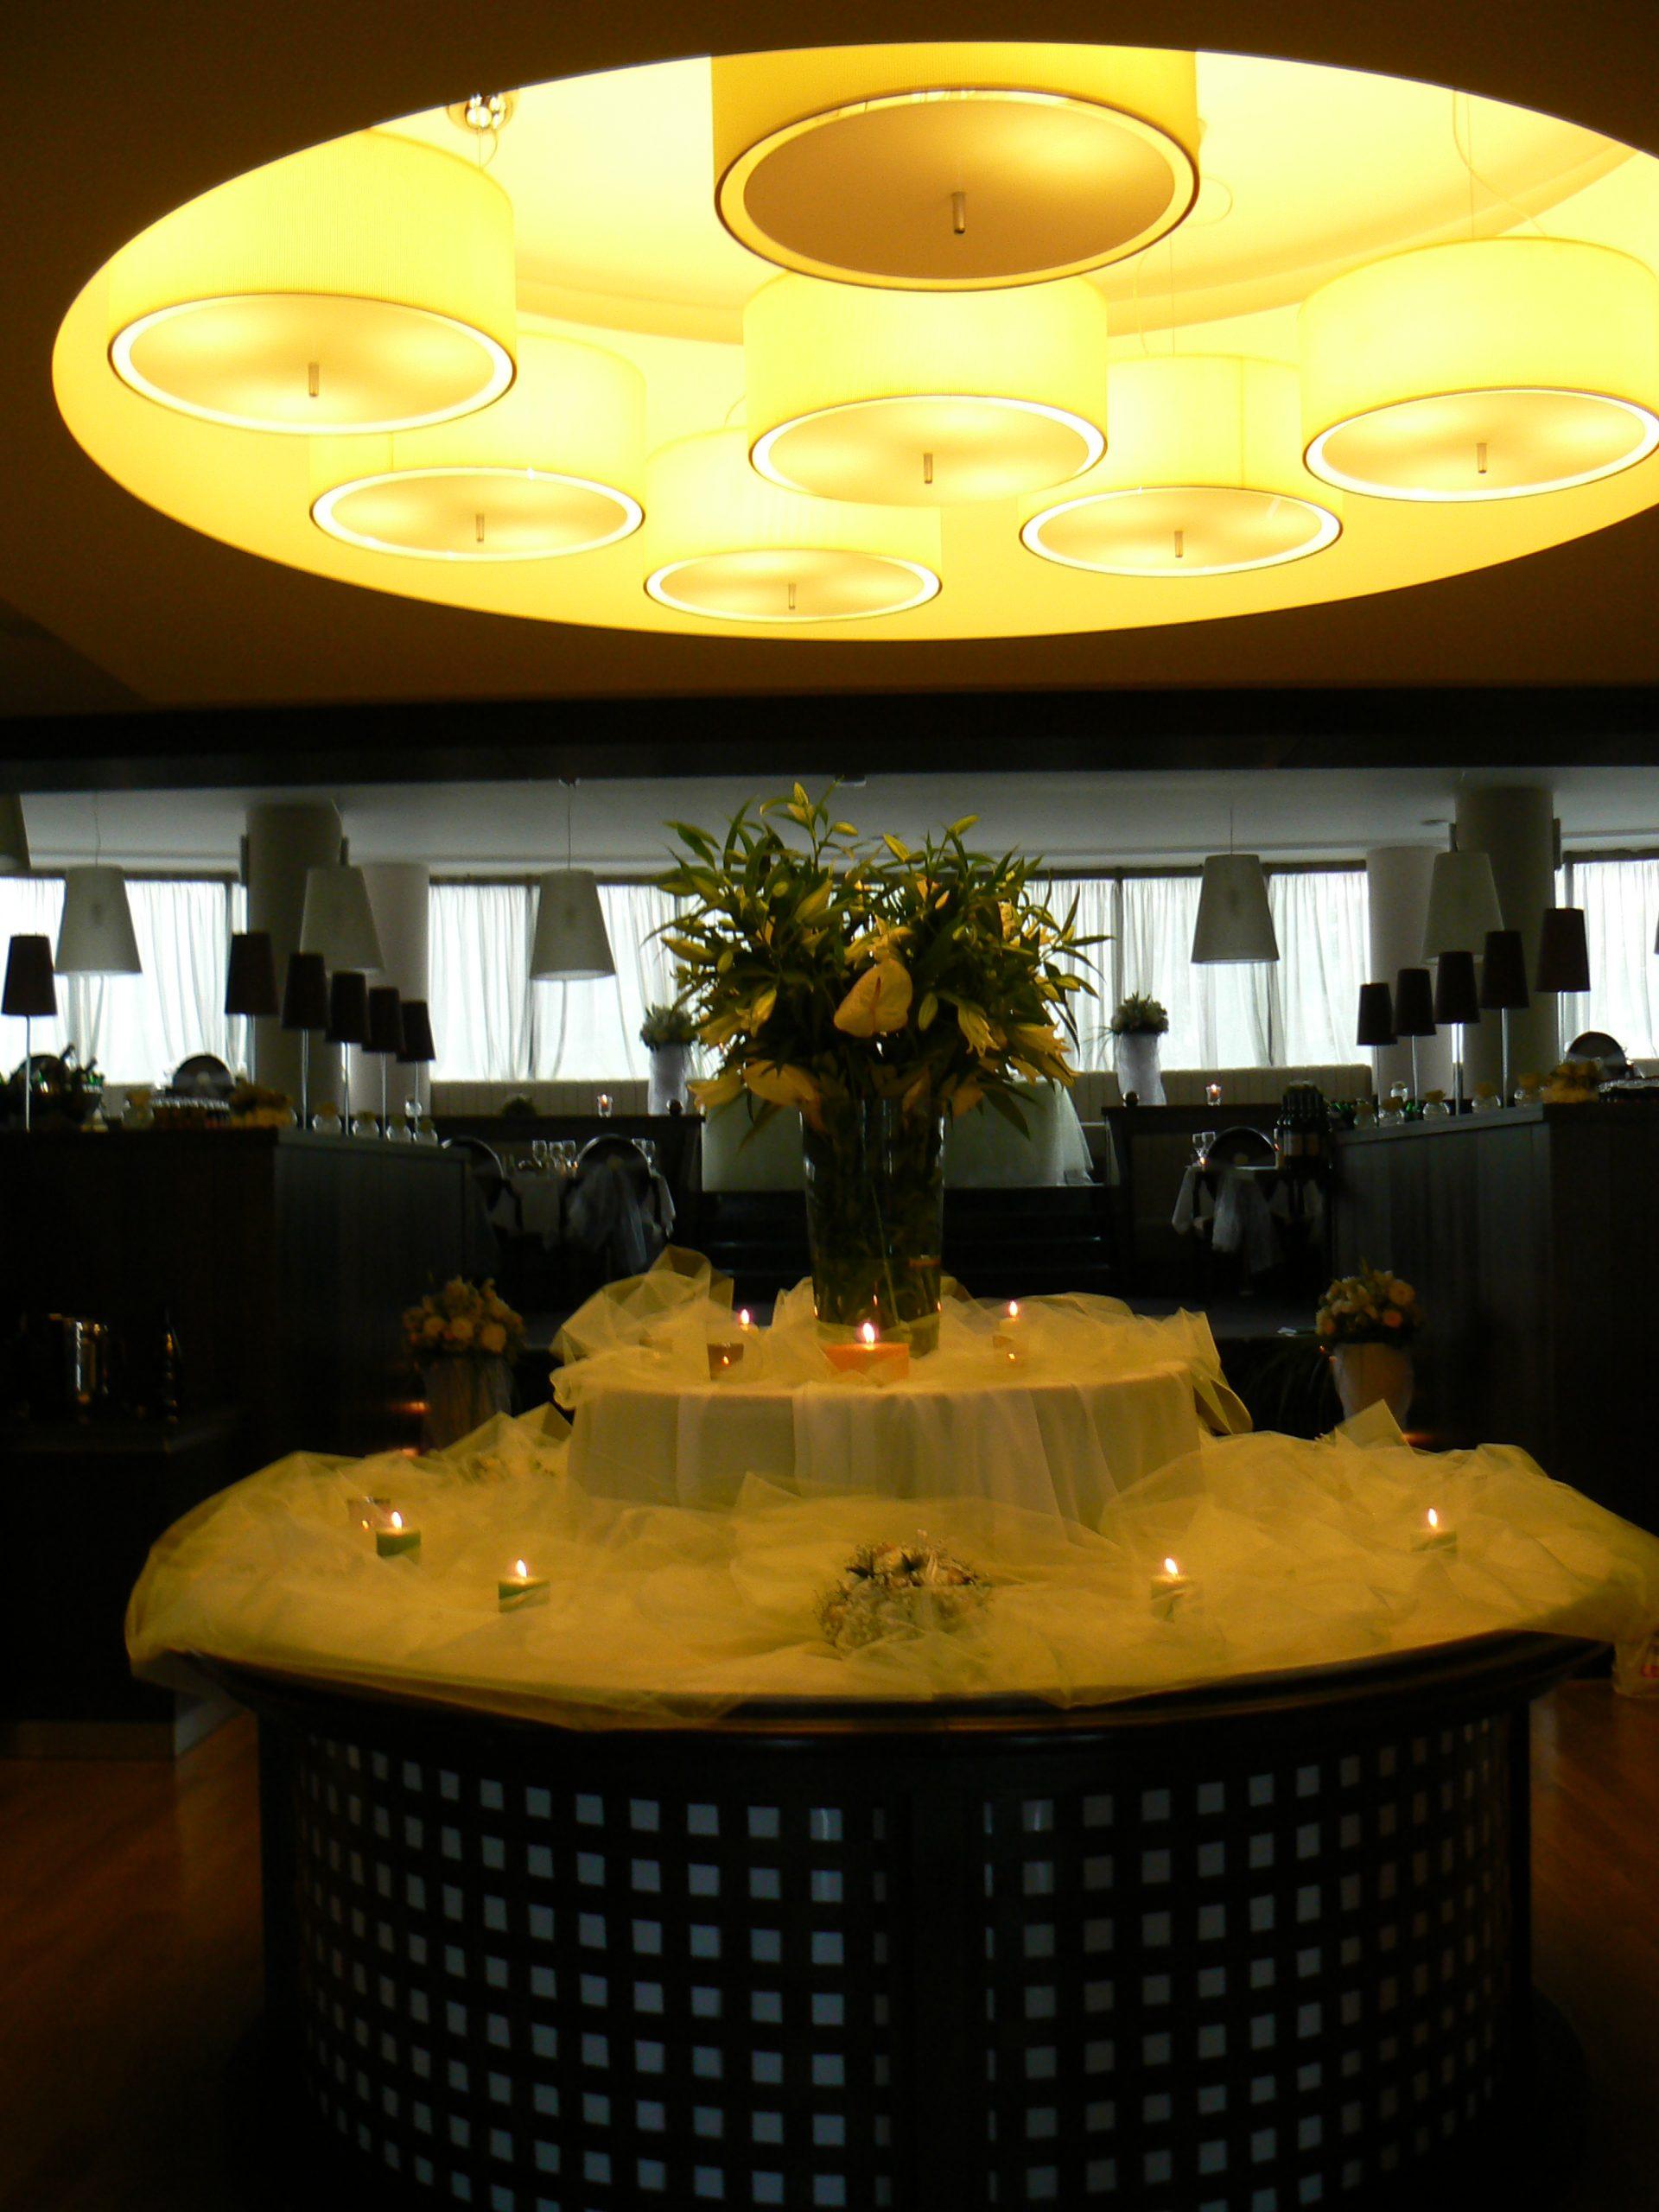 Сватбена украса в София хотел Метрополитън Hotel Metropolitain Sofia wedding в зелено и розово, декорация на сватба, сватбена организация и декор в зелен цвяти розов цвят, калъфи за столове под наем, панделки за столове